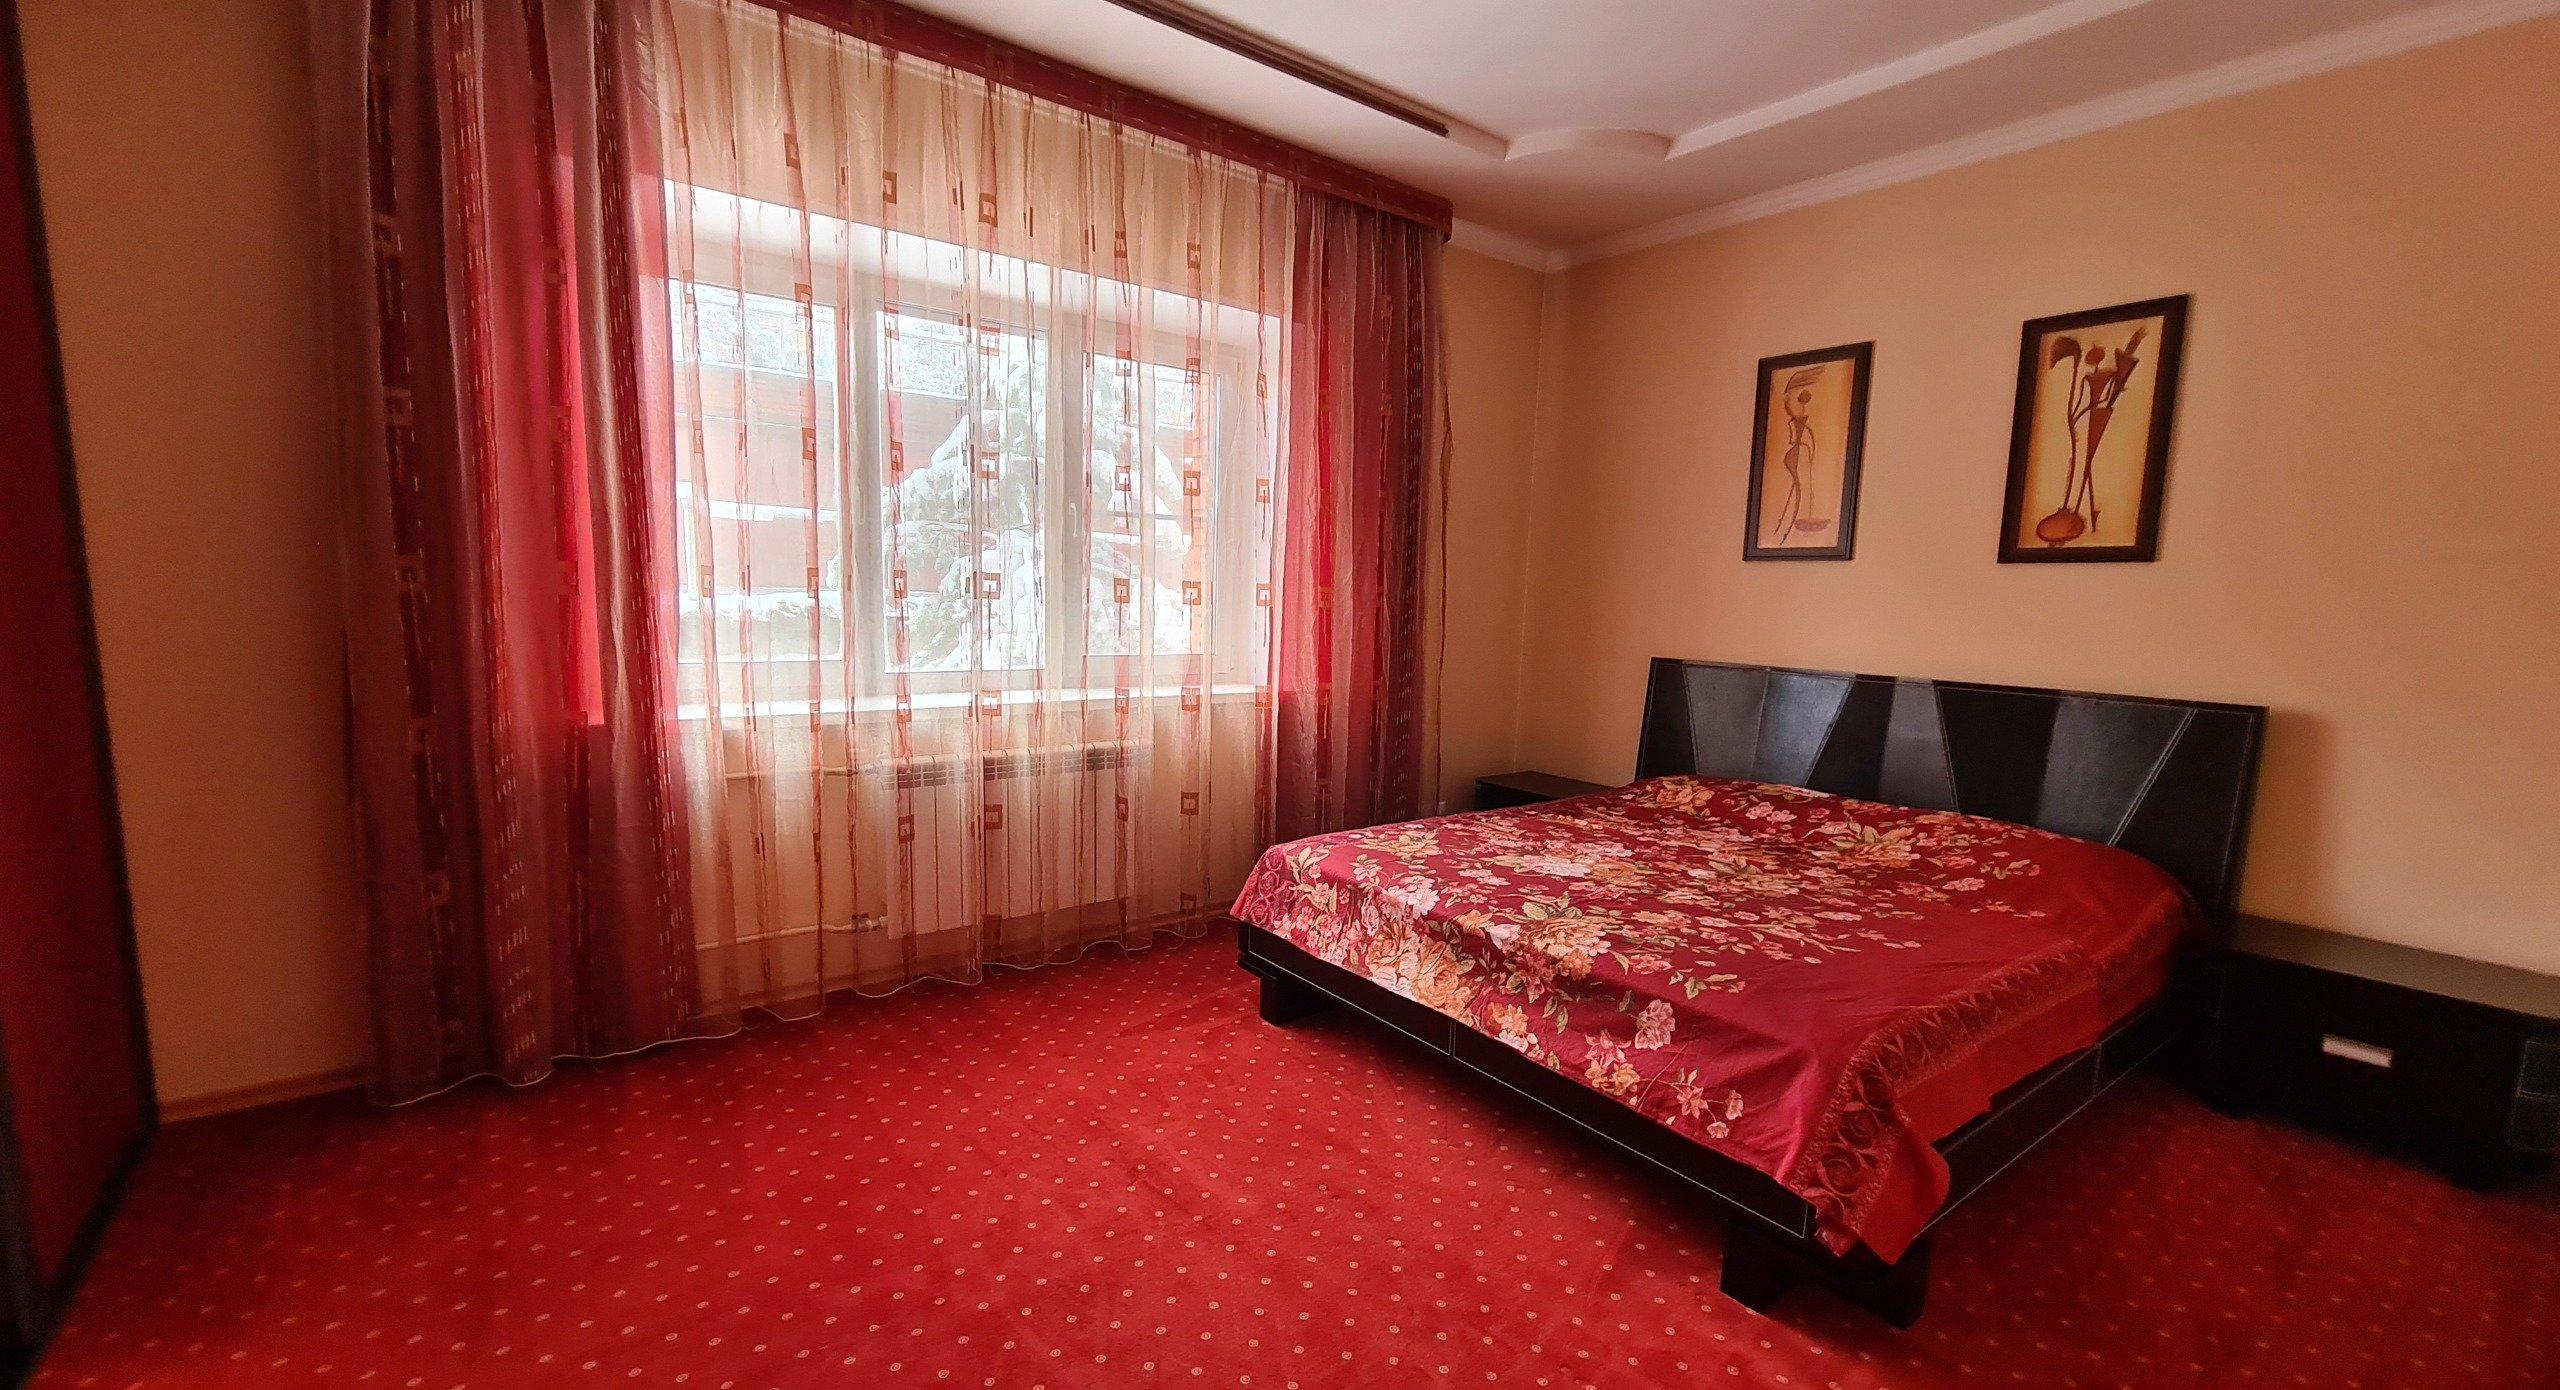 4к квартира ул Елены Стасовой, д 25 | 70000 | аренда в Красноярске фото 13